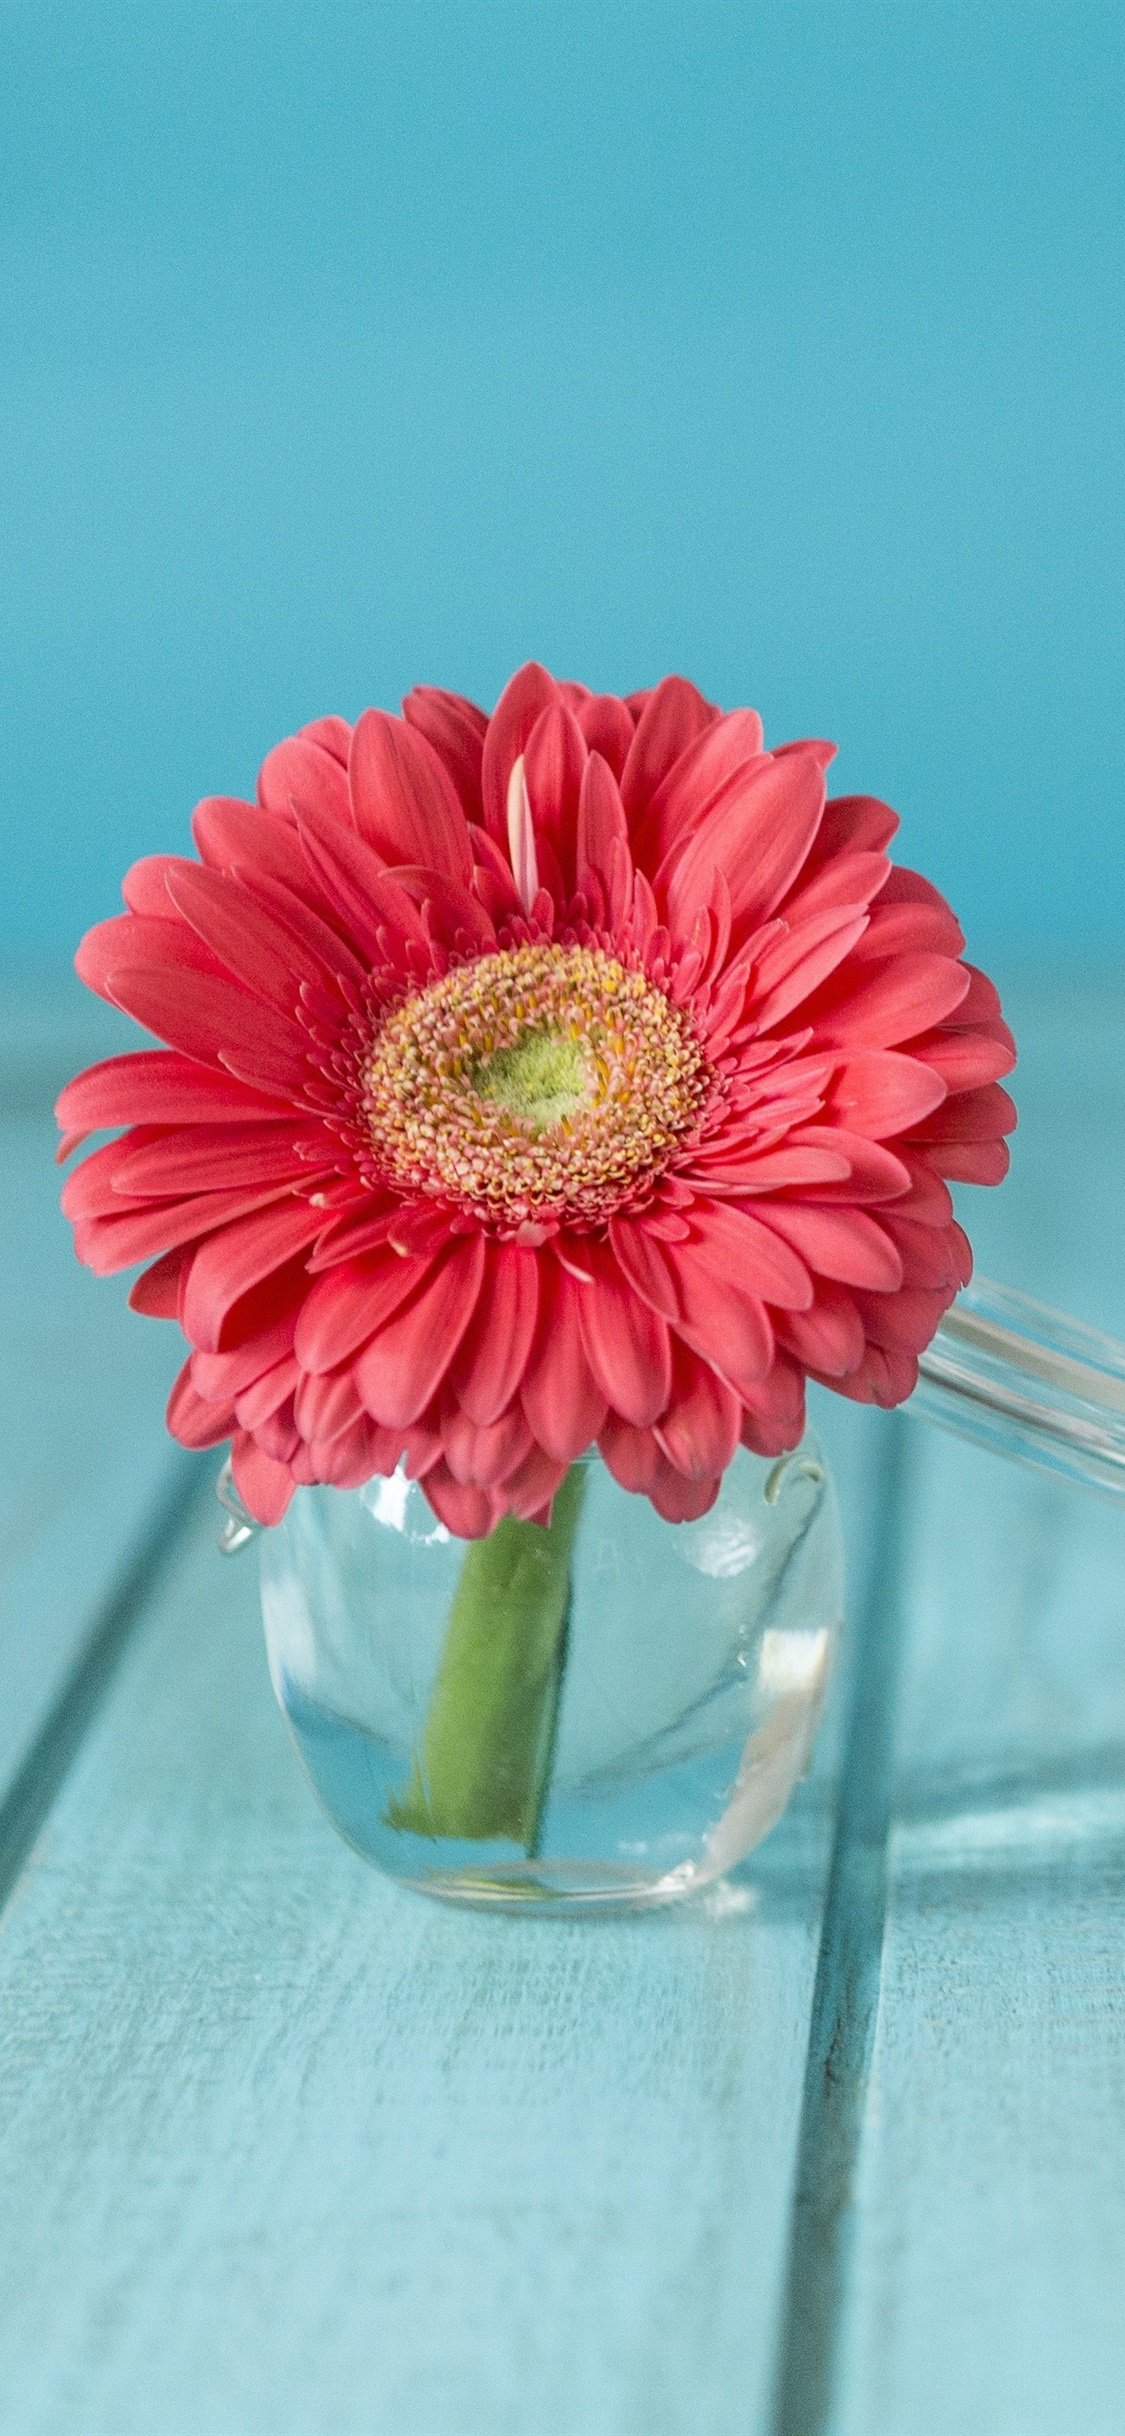 ピンクガーベラの花 ガラスの花瓶 1125x2436 Iphone 11 Pro Xs X 壁紙